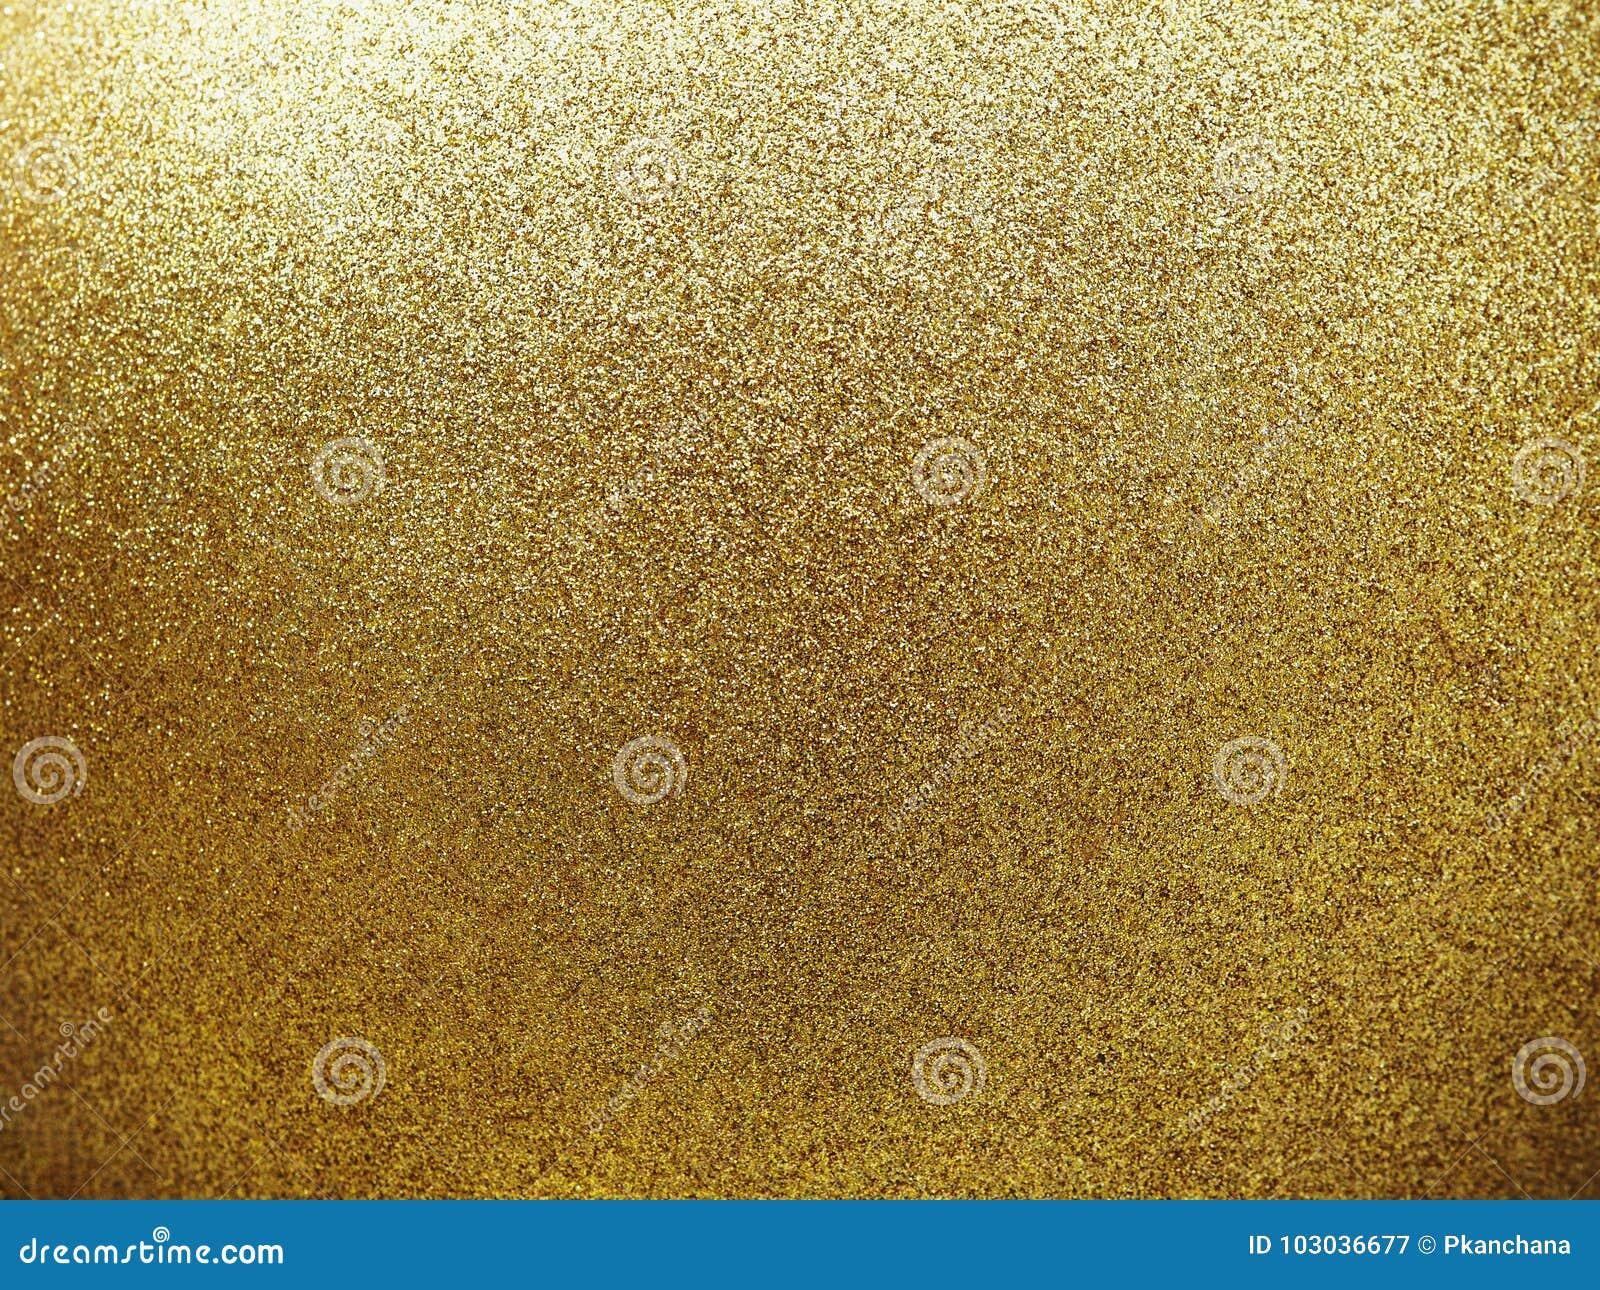 Textured da bola redonda dourada com brilho